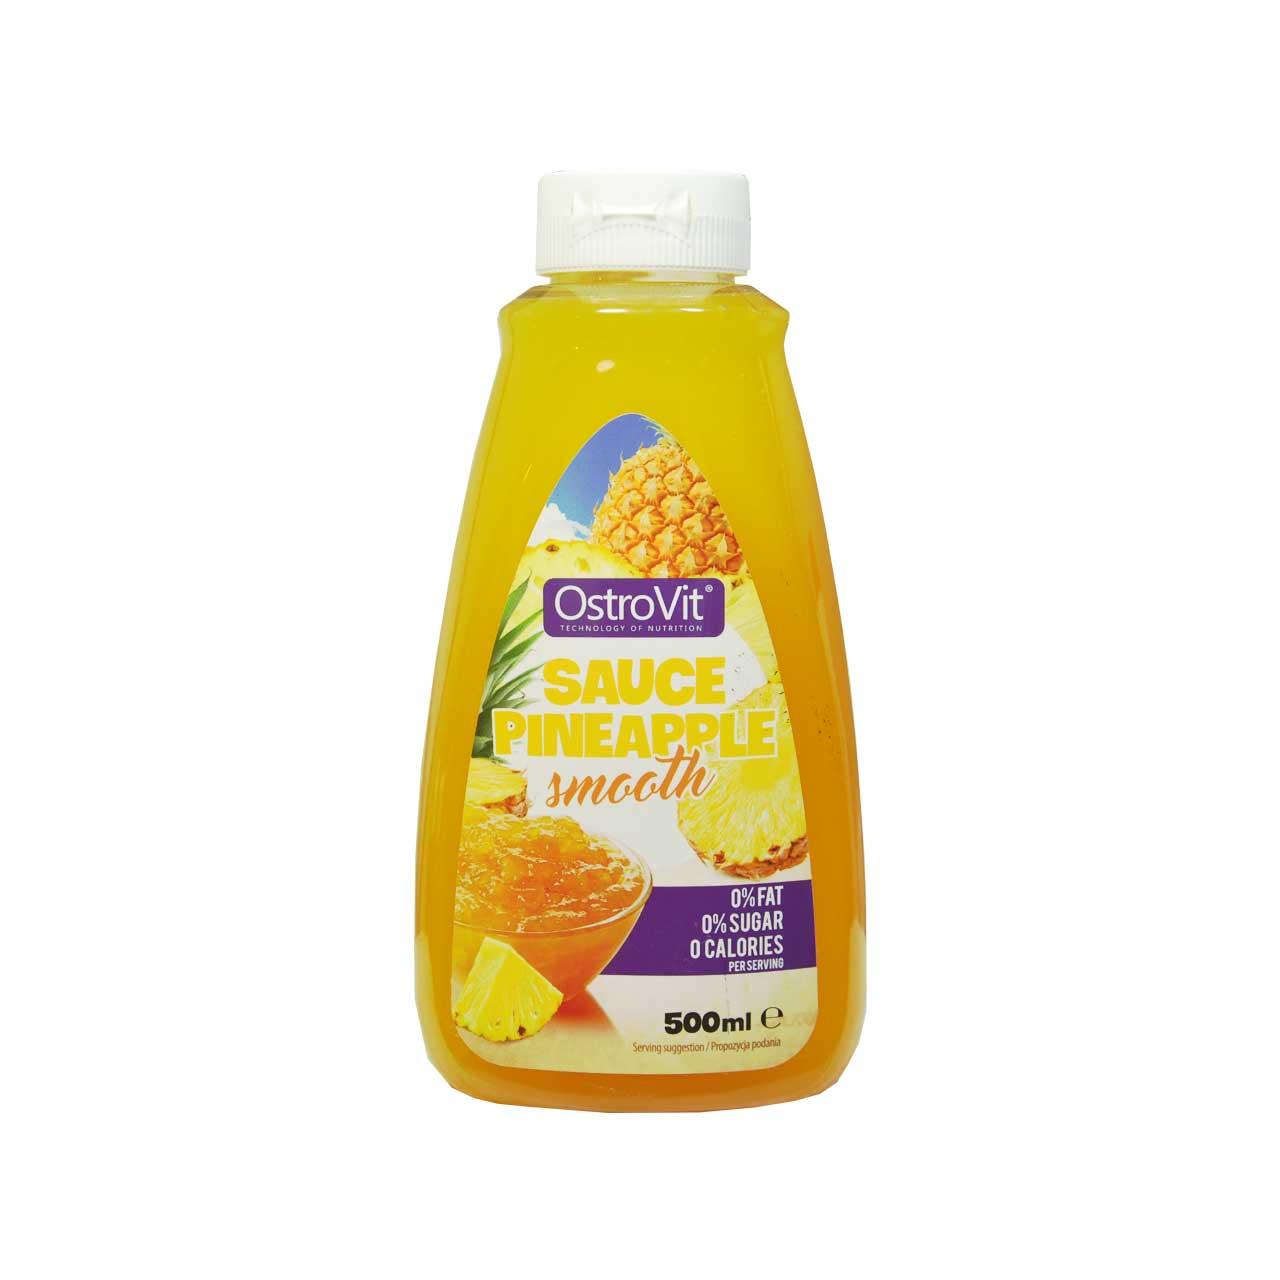 سس آناناس بدون شکر اوسترا ویت – ostrovit